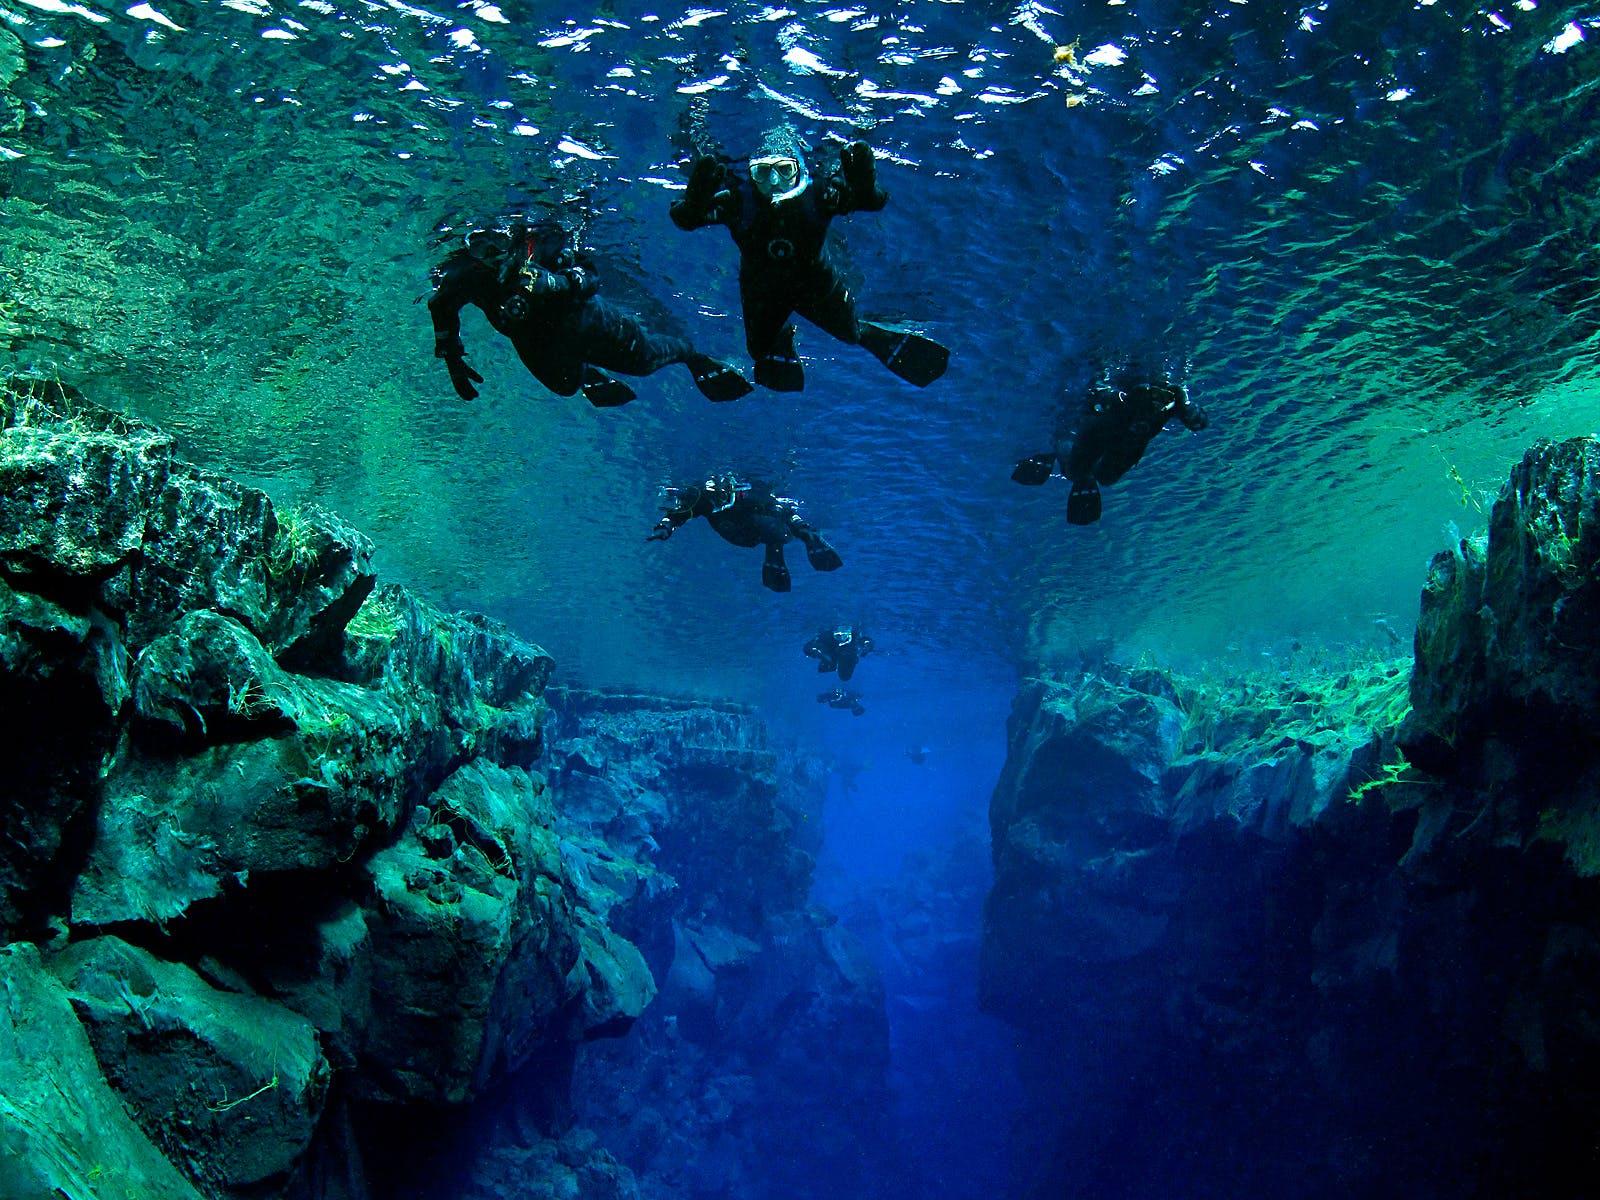 丝浮拉大裂缝浮潜是冰岛最受欢迎的旅行项目之一